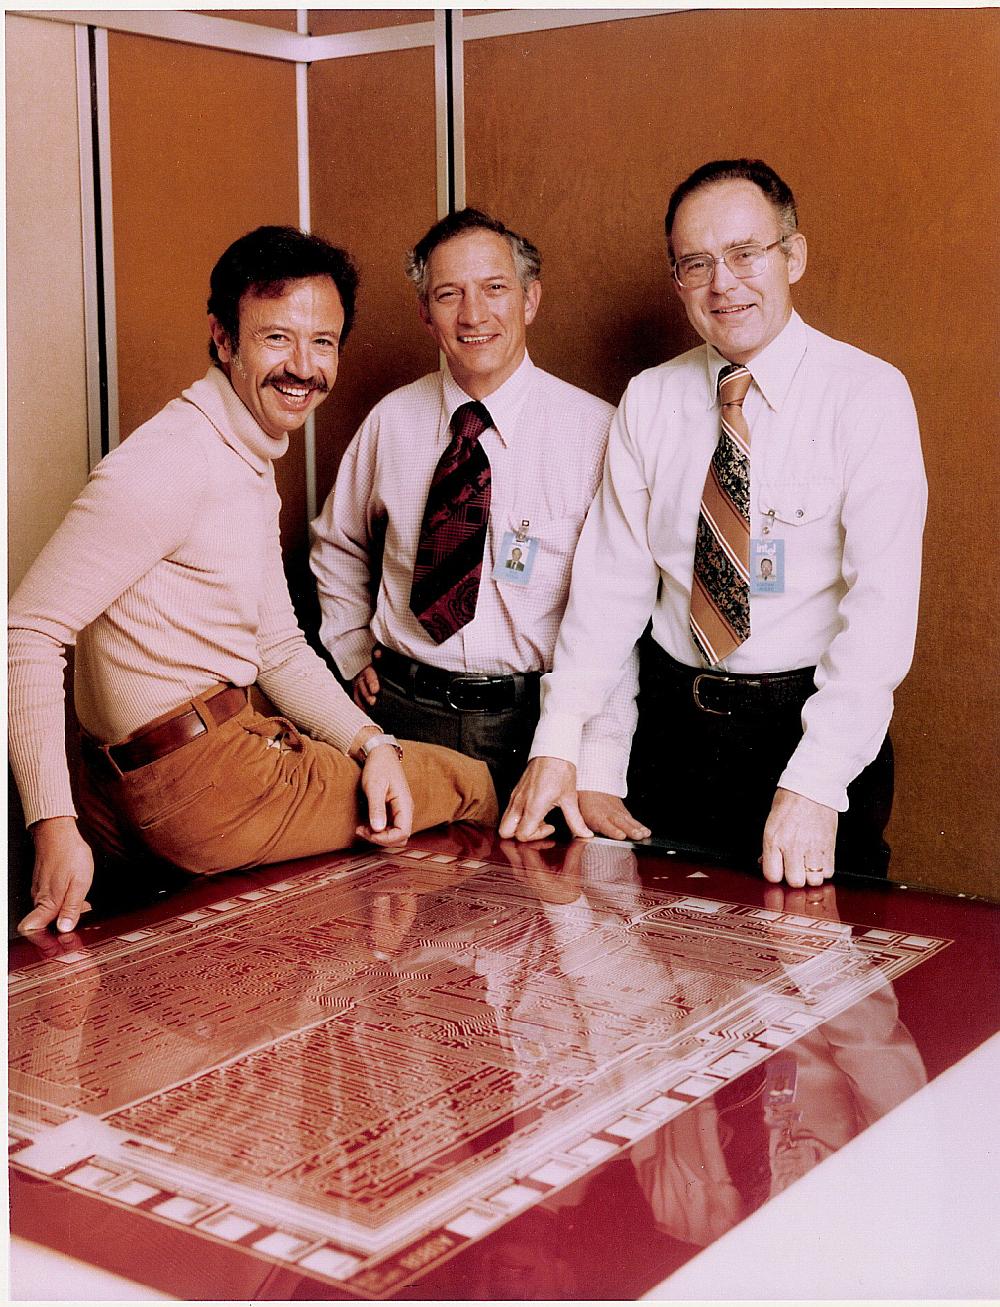 Andy Grove, Robert Noyce y Gordon Moore, fundadores de Intel. Fuente: Wikipedia